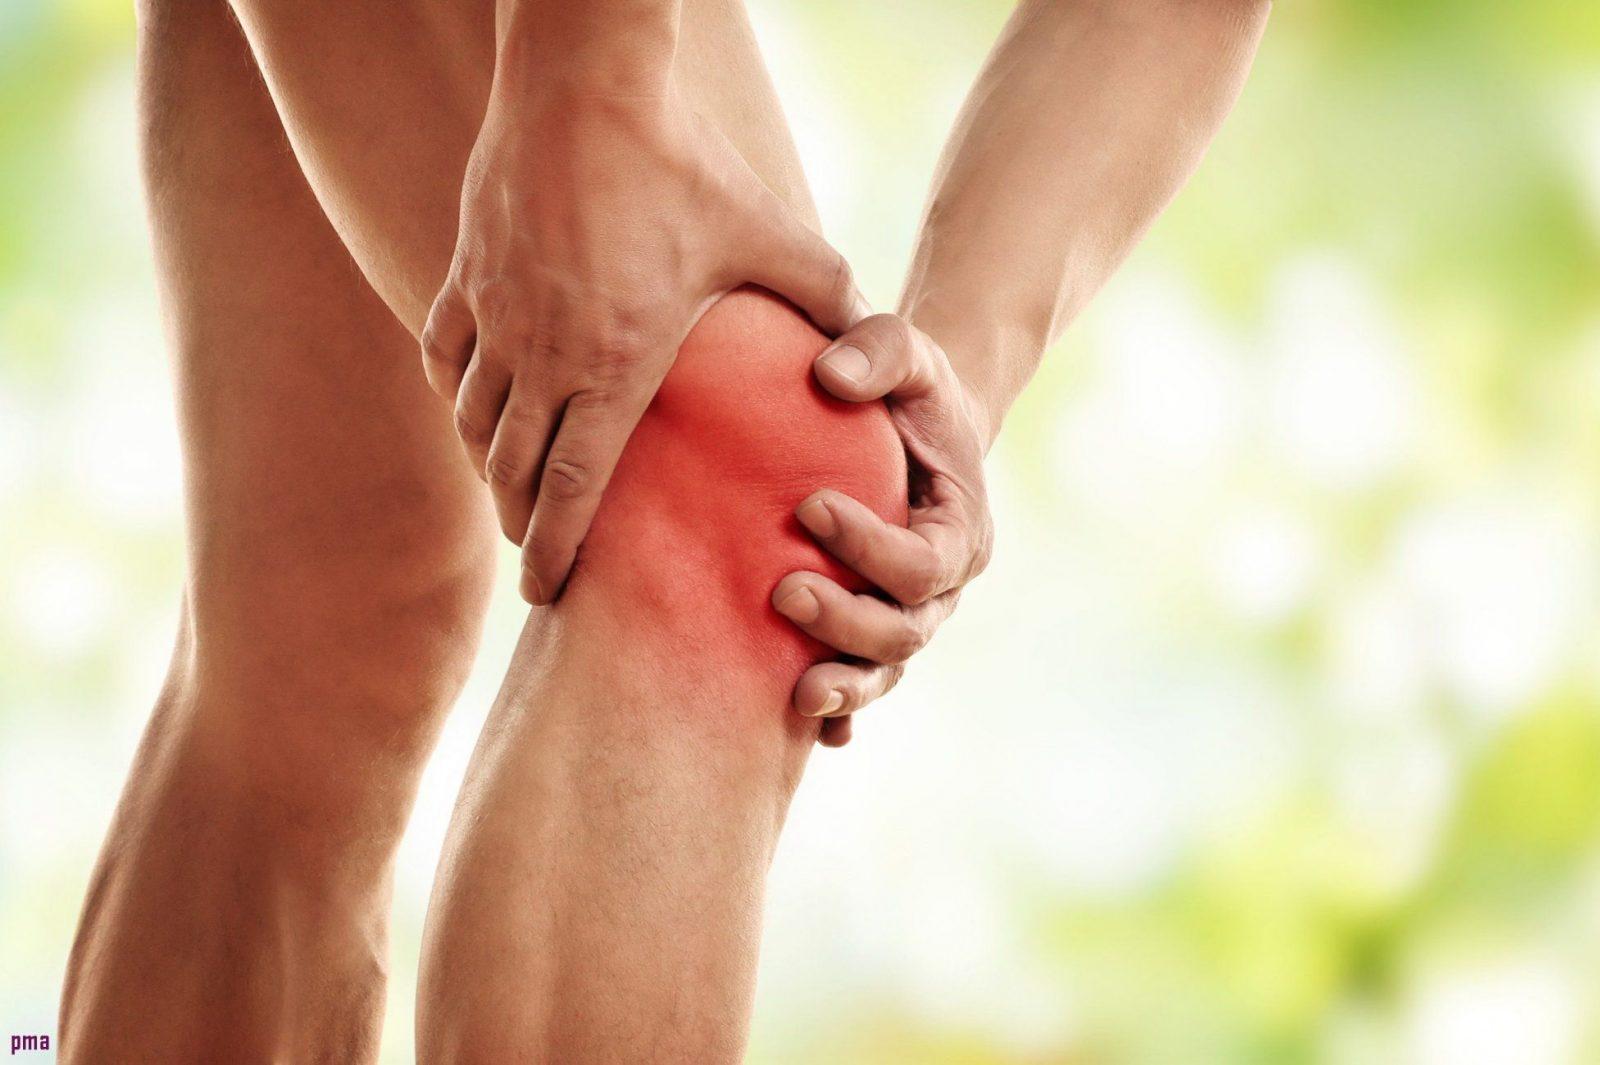 Knieschmerzen Beim Treppen Runtergehen 26 Neu Ideen Über von Knieschmerzen Beim Treppe Runter Gehen Photo